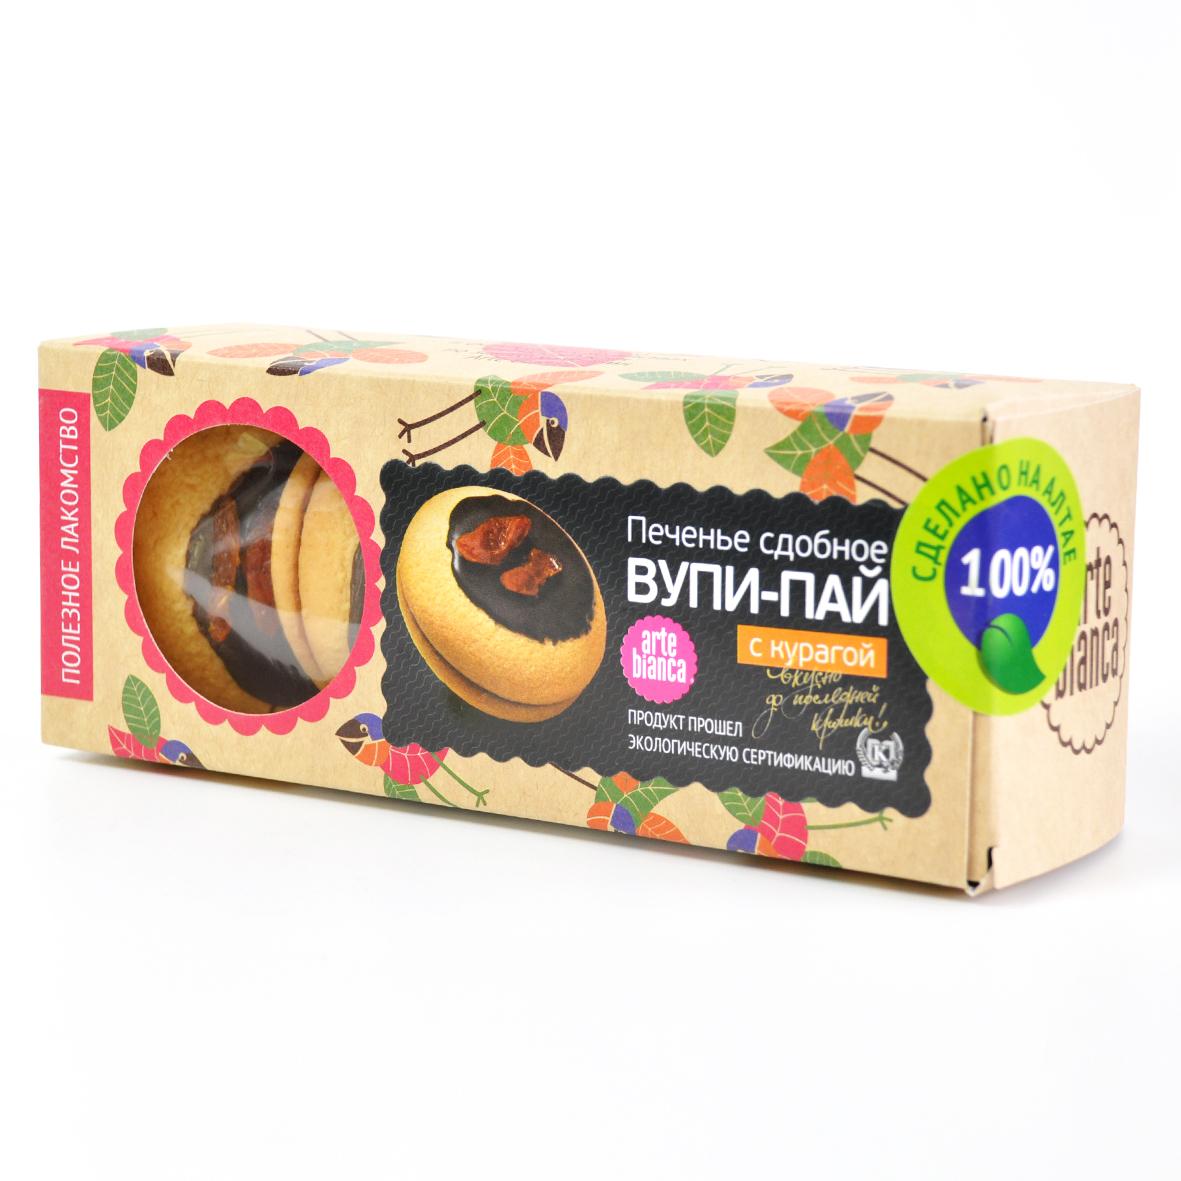 Печенье сдобное Вупи-пай с курагой Arte Bianca 260 г